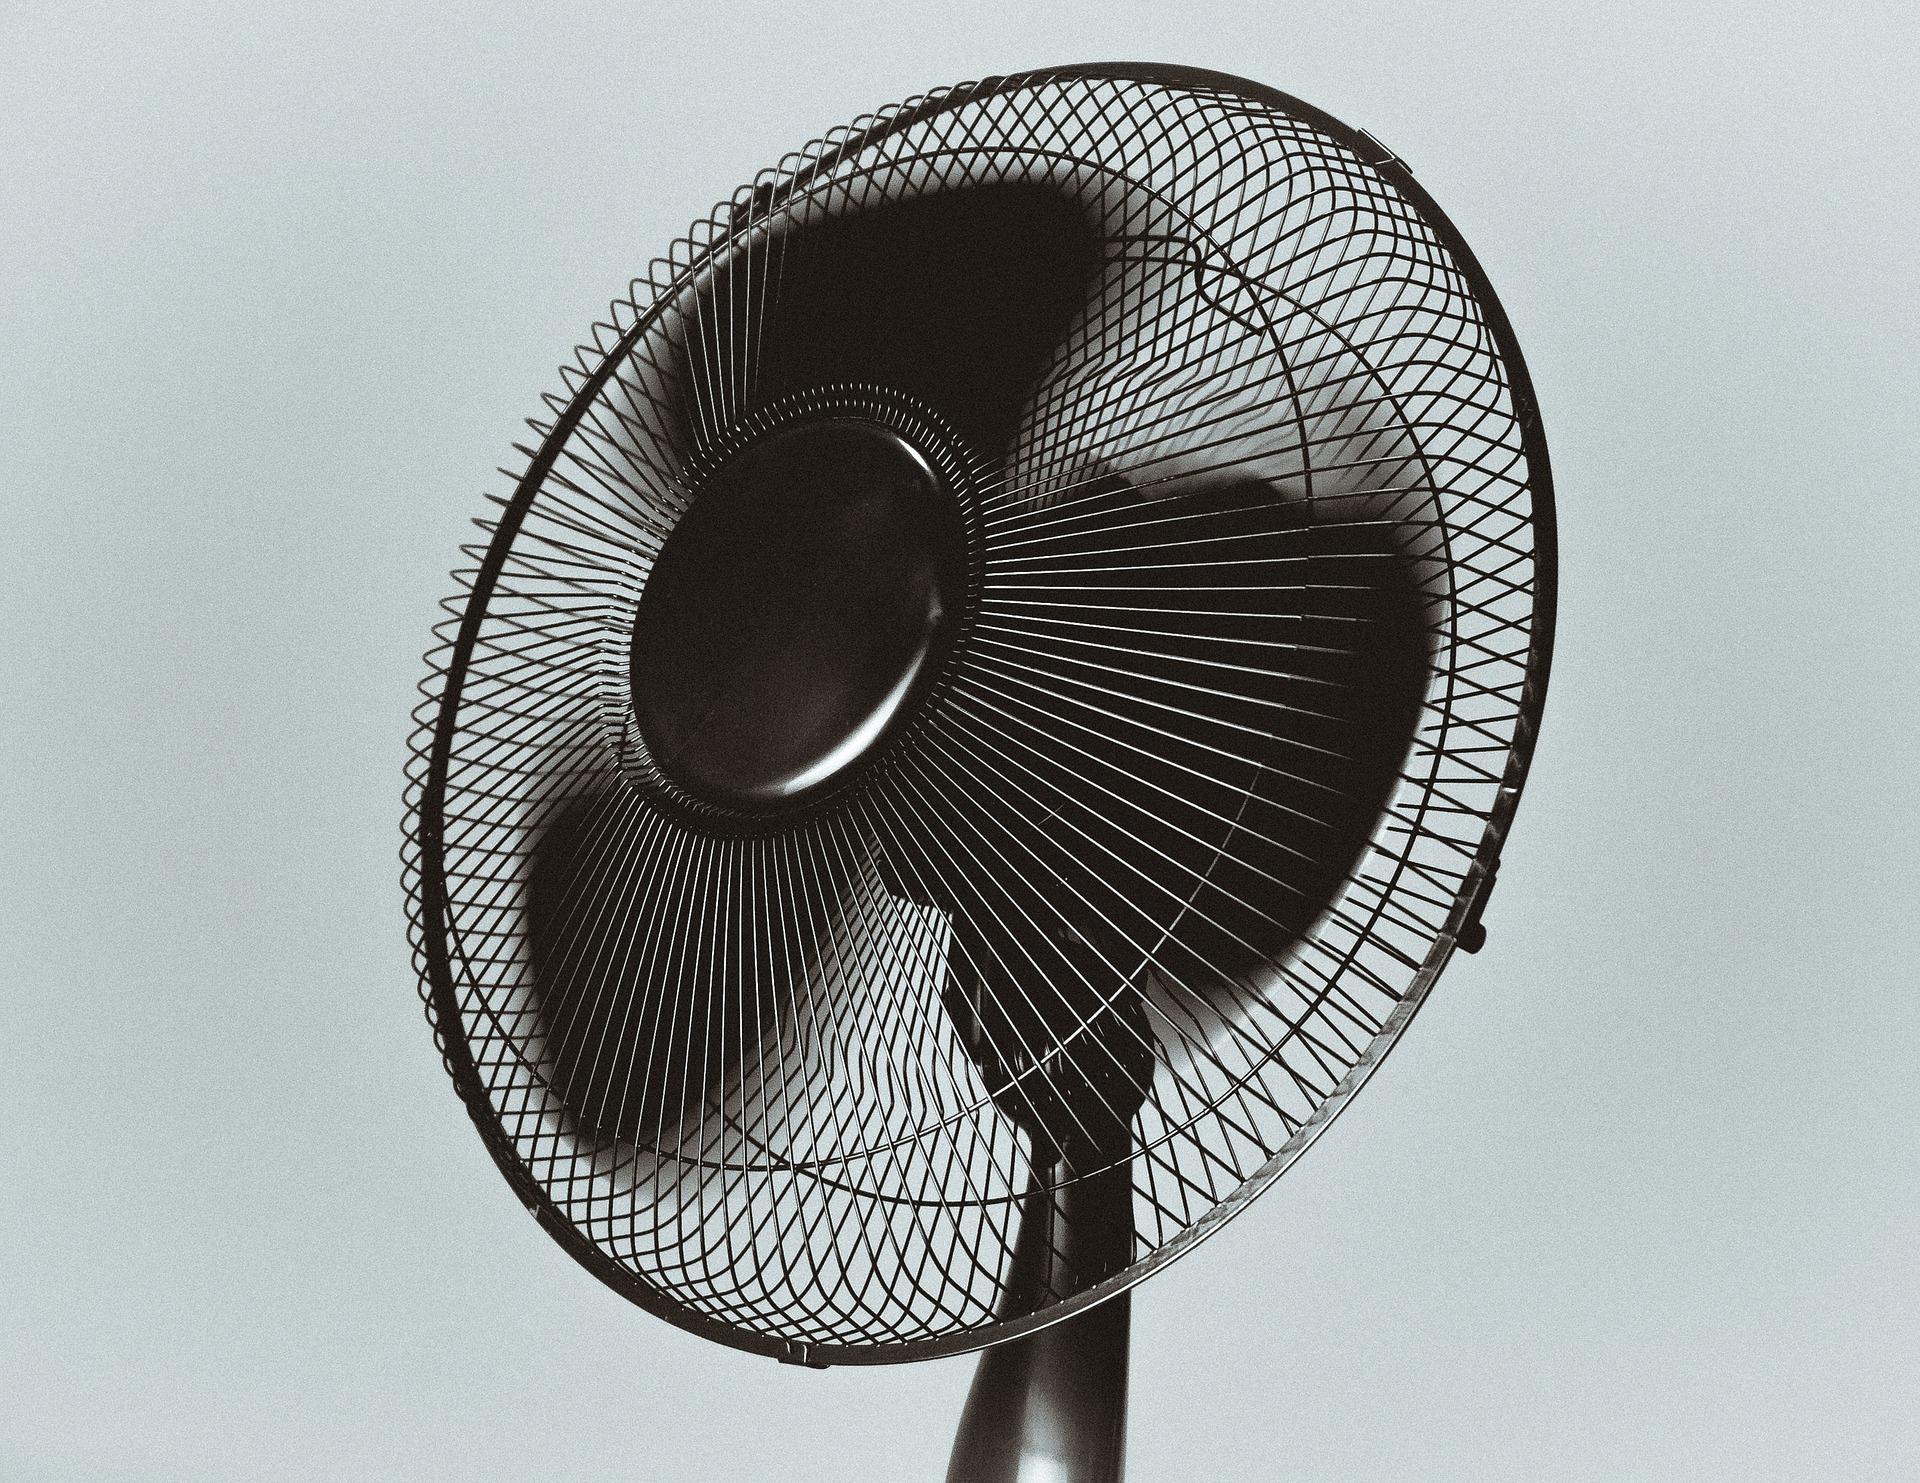 Imagem de ventilador preto de torre com repelente